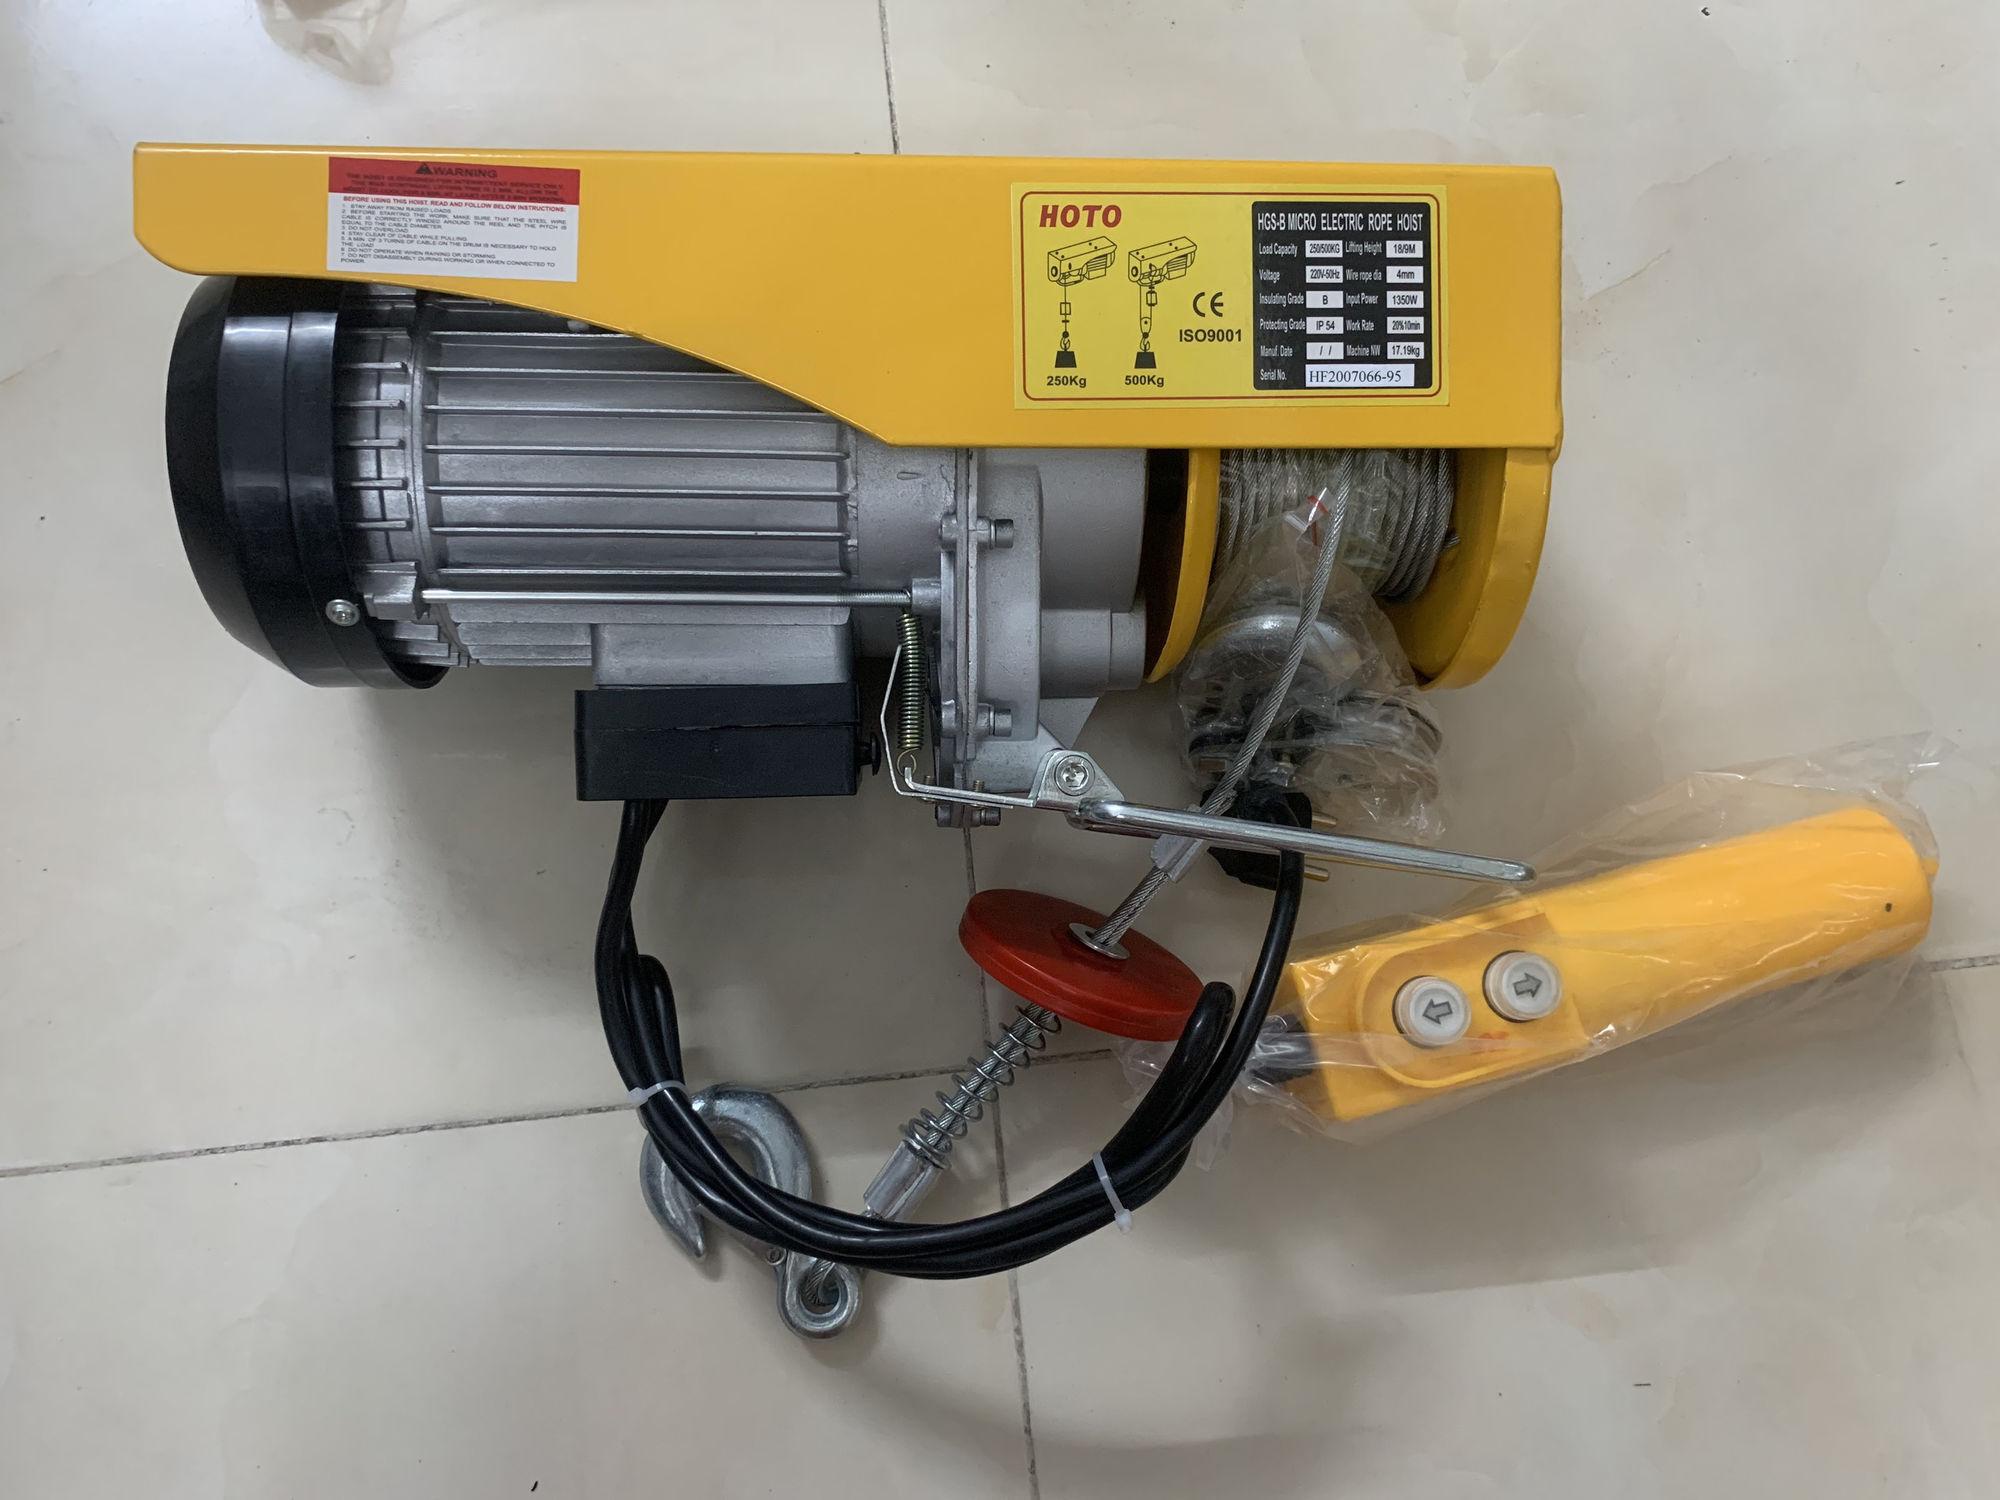 Tời điện Hoto PA 500 (500kg)